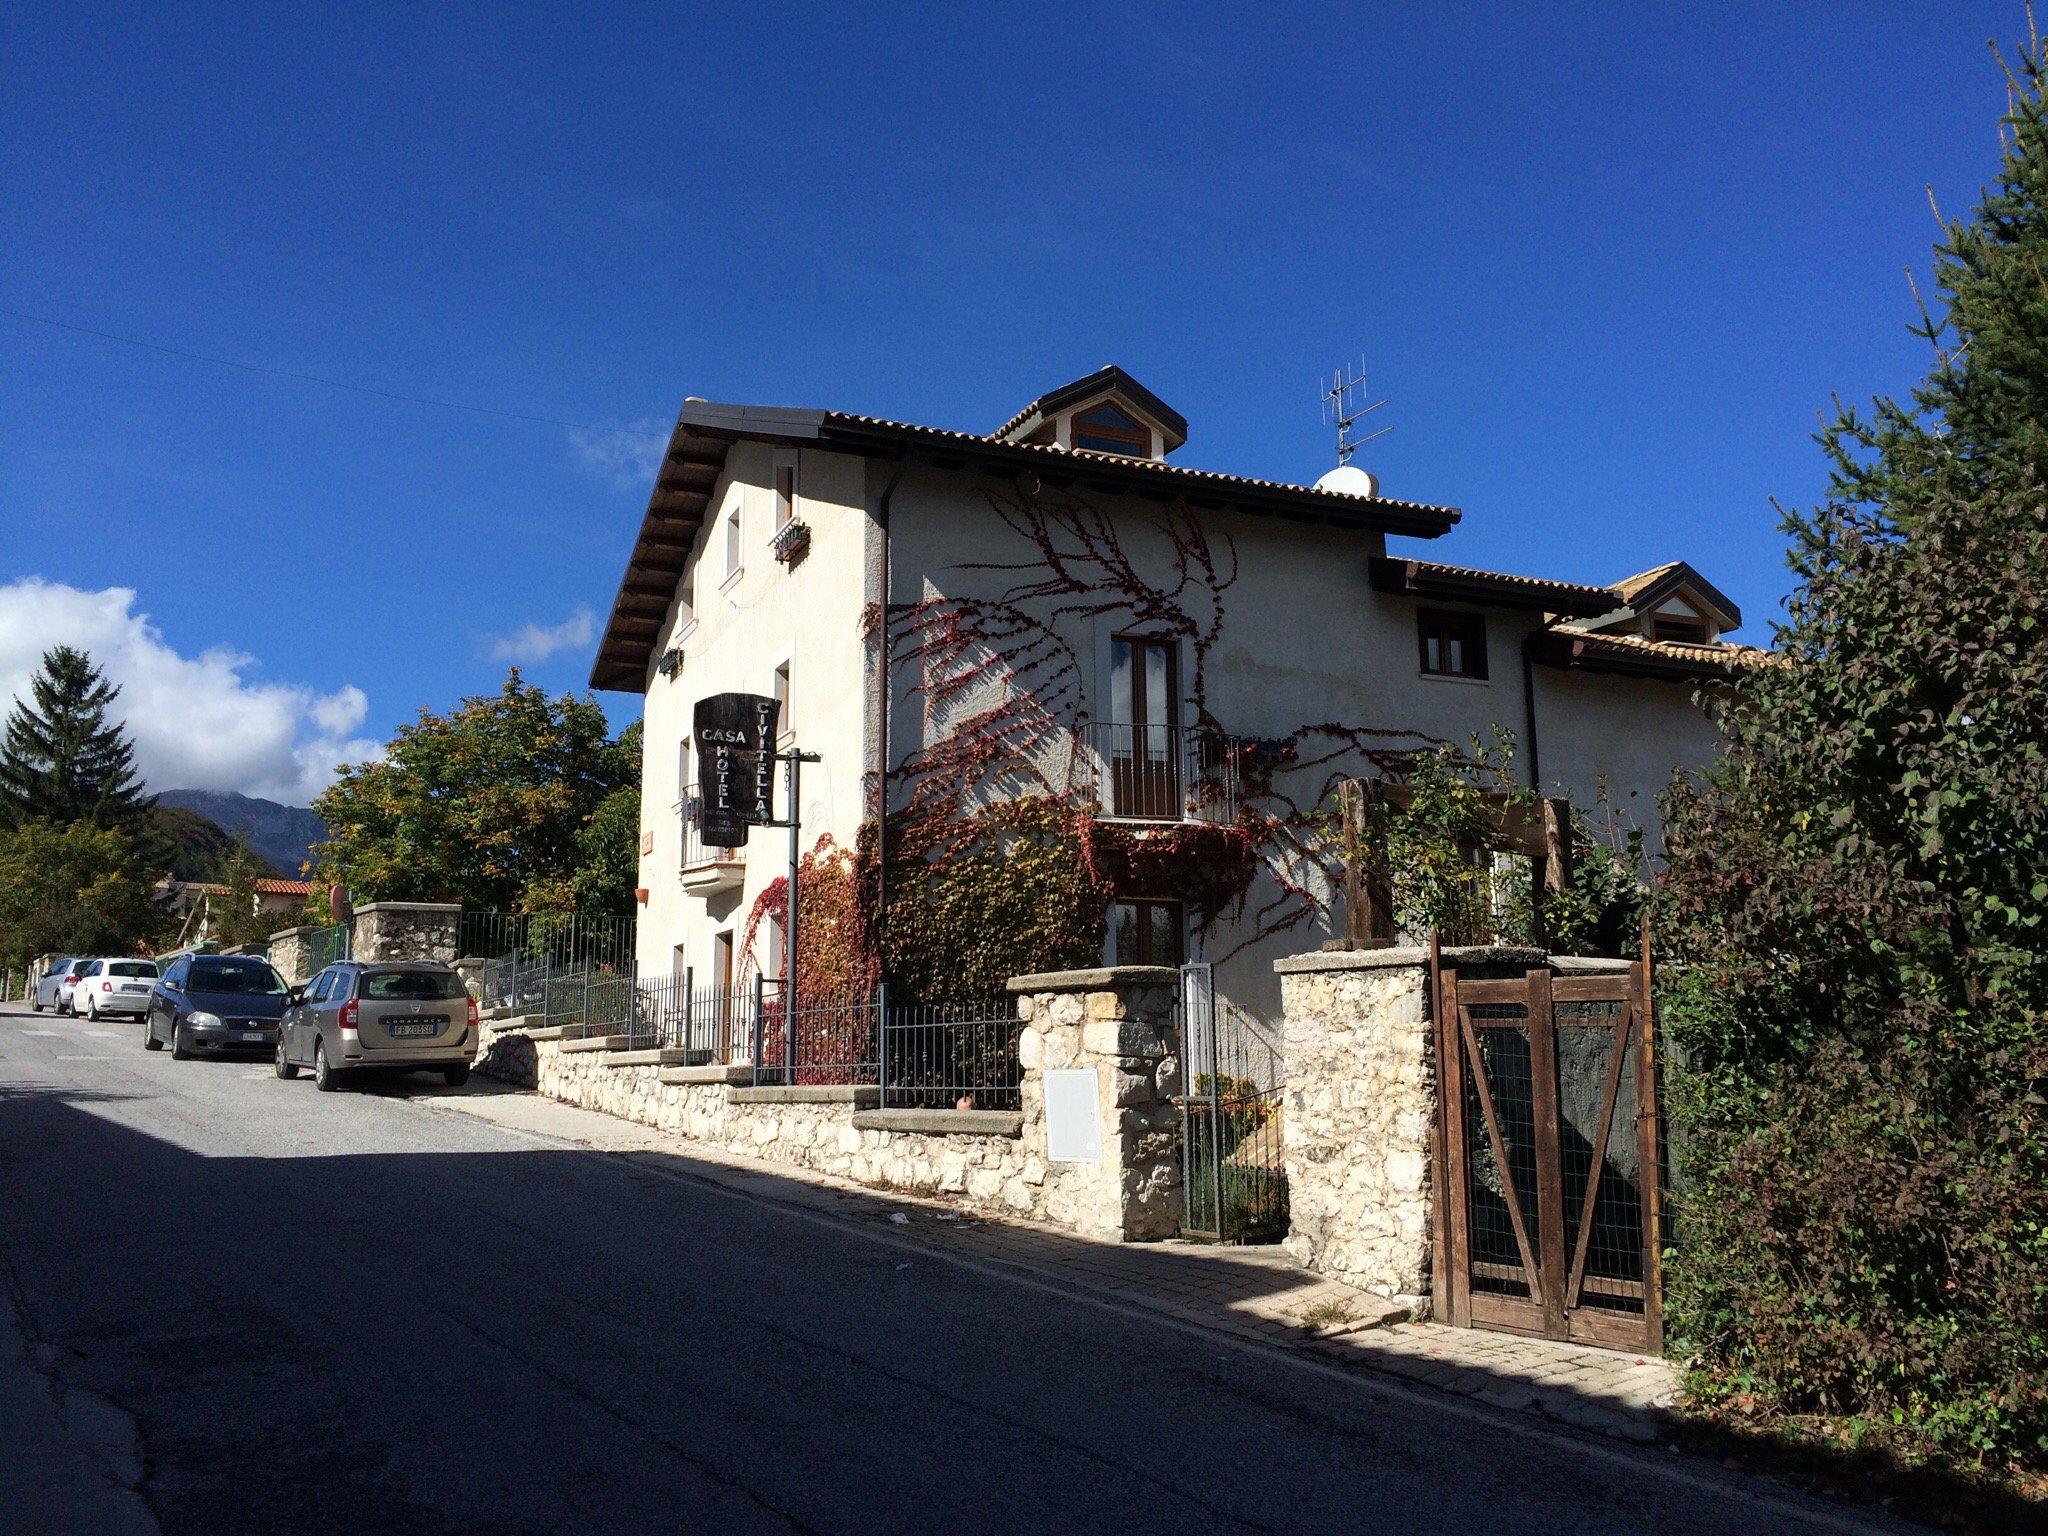 Albergo Casahotel Civitella